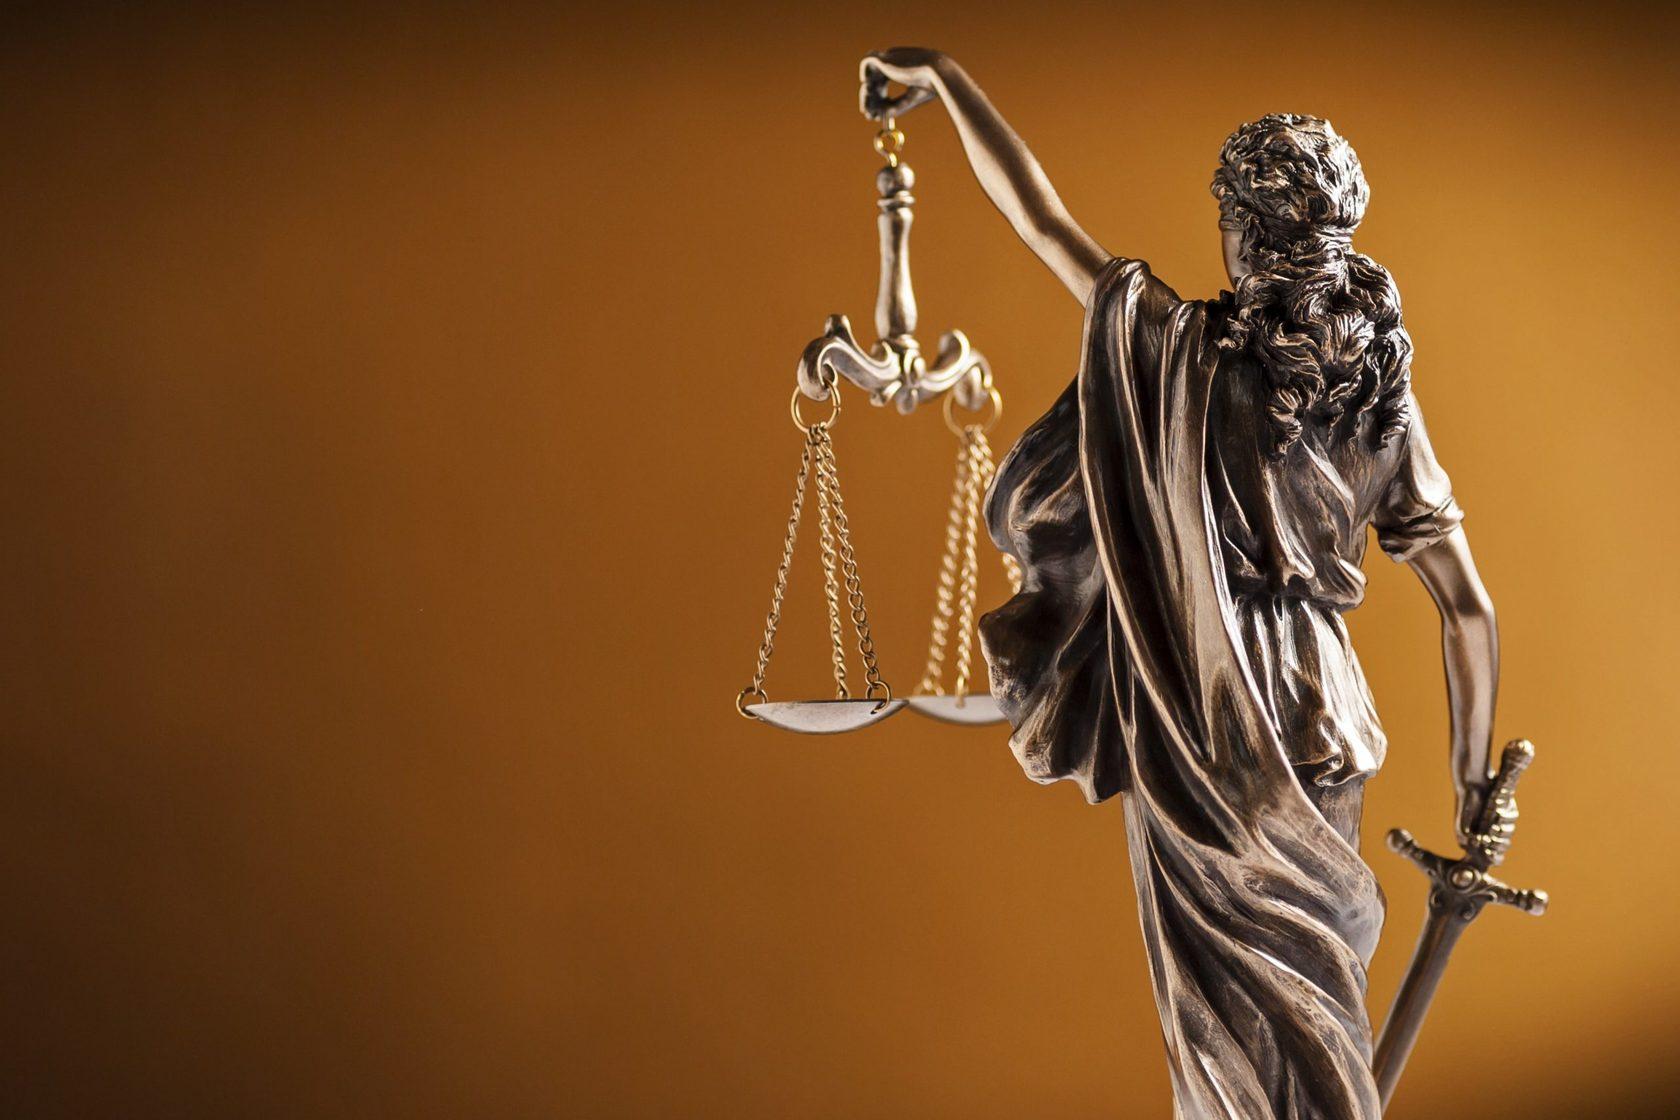 Обоснованность подозрения в уголовном преступлении. Критерии и их толкование на практике. Адвокат в Запорожье. Линия права